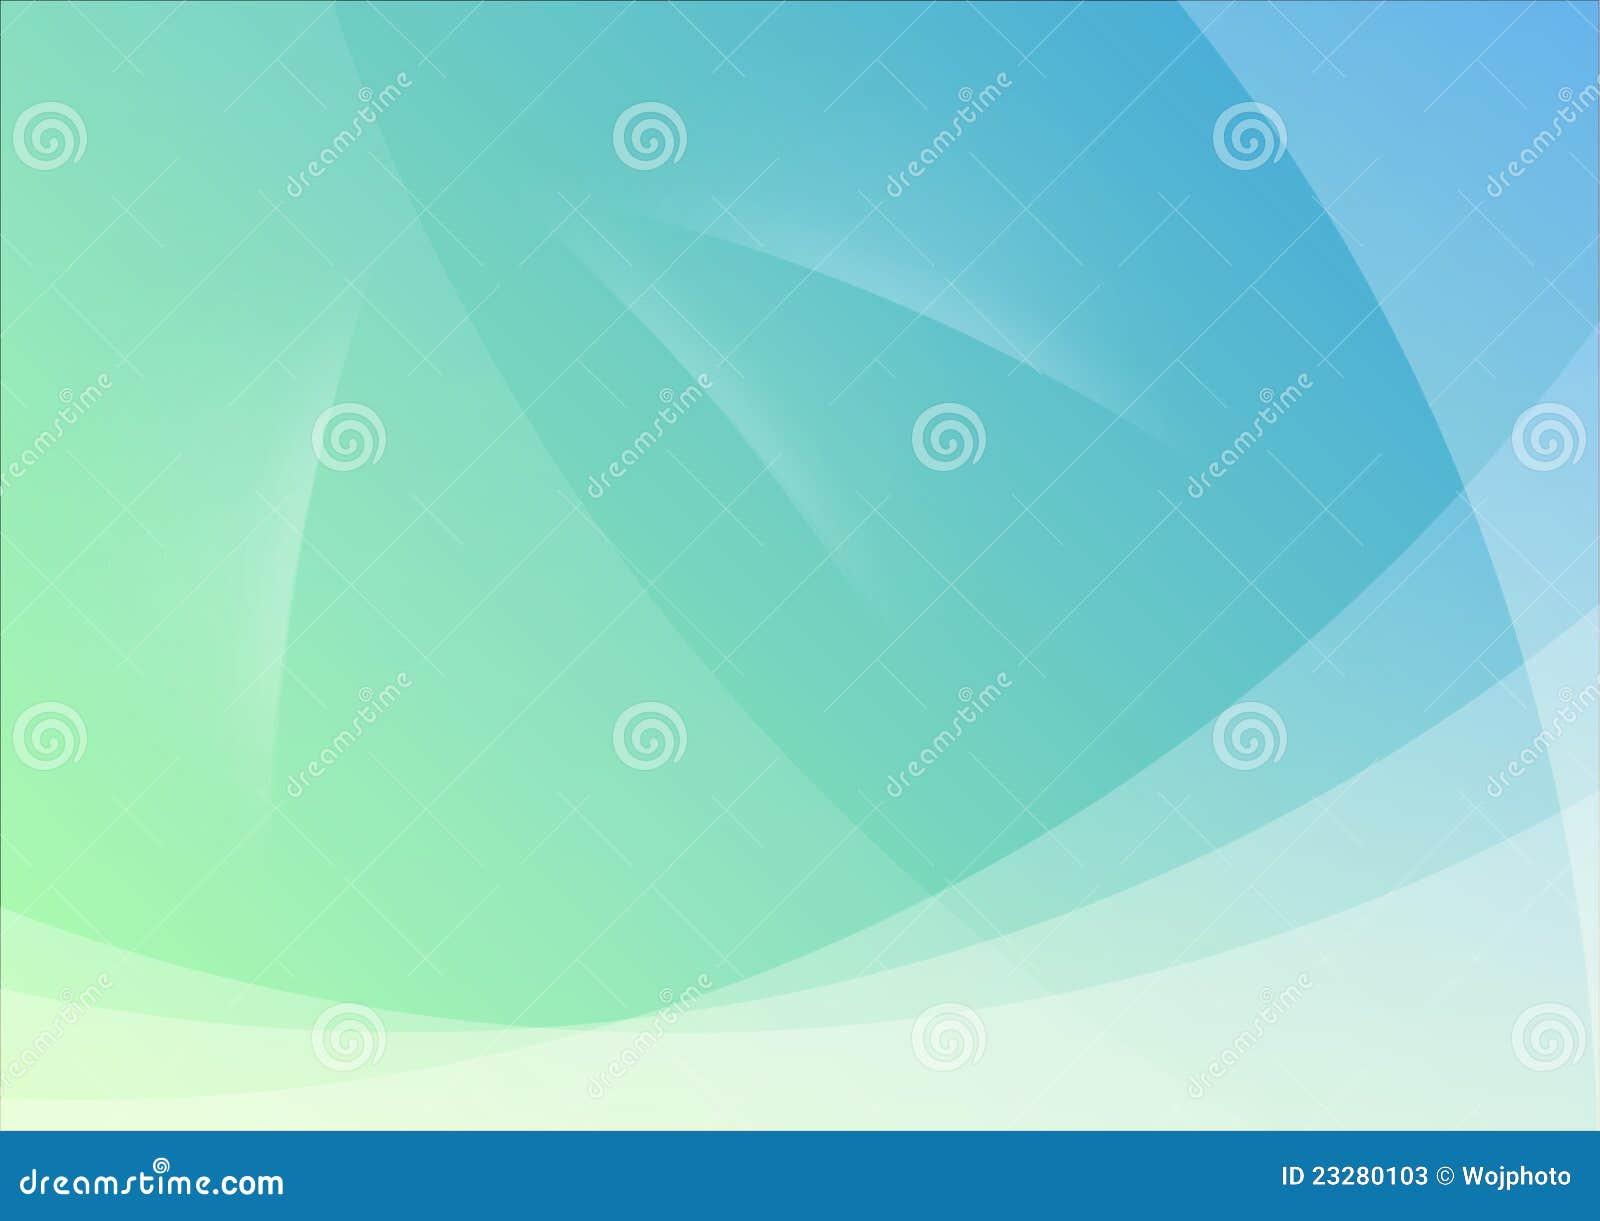 抽象背景蓝绿色墙纸